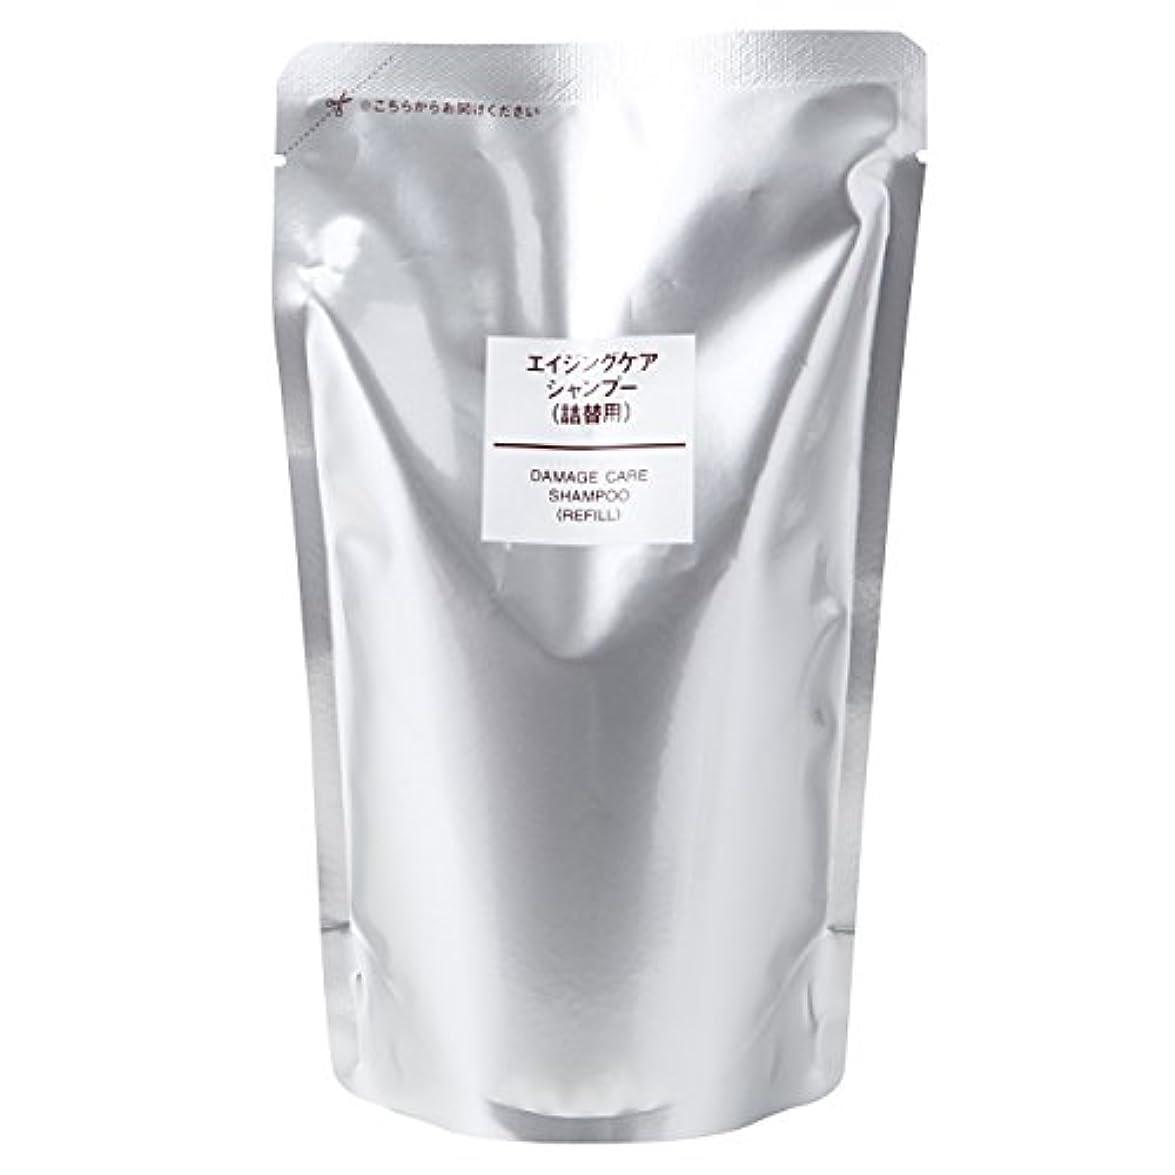 機密ピグマリオンアクチュエータ無印良品 エイジングケアシャンプー(詰替用) 350ml 日本製